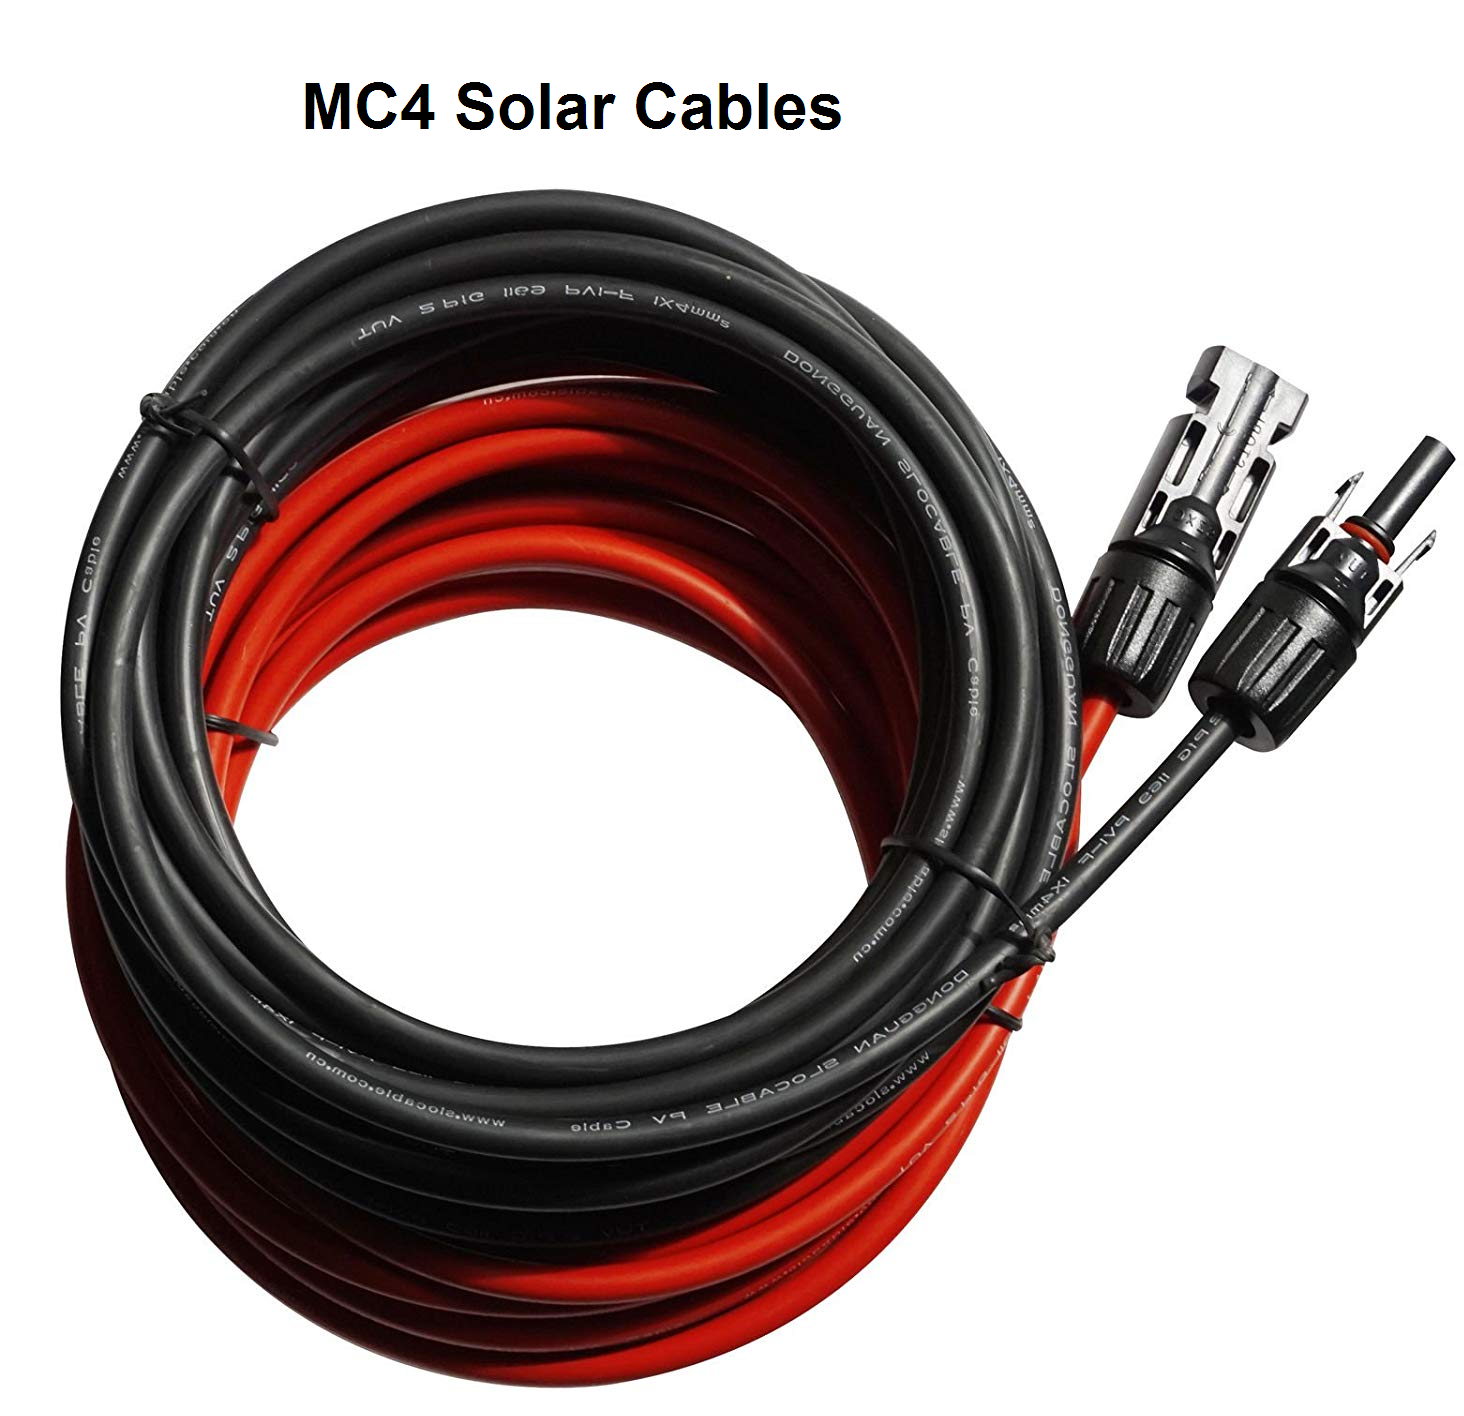 MC4 Solar Cables.